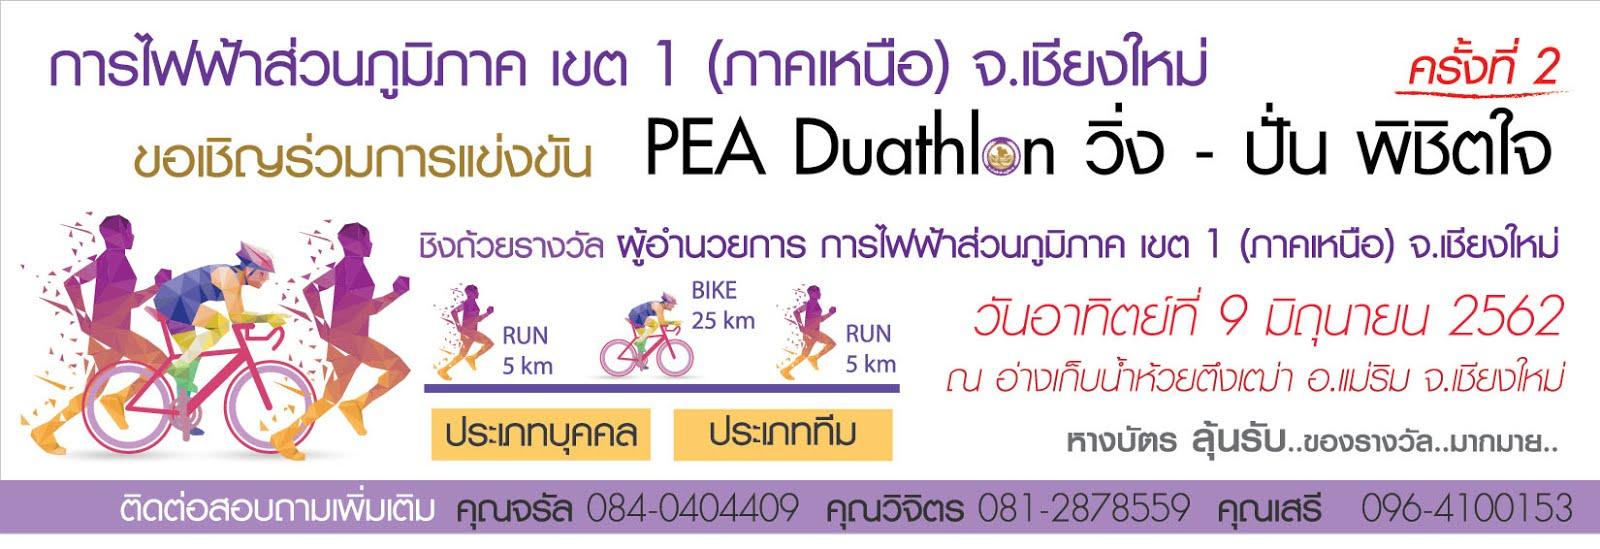 งานไตรกีฬา PAE Duathlon วิ่งปั่น พิชิตใจ วันอาทิตย์ที่ 9 มิถุนายน 2562 วันอาทิตย์ที่ 9 มิถุนายน 2562 ณ อ่างเก็บน้ำห้วยตึงเฒ่า อ.แม่ริม จ.เชียงใหม่ ชิงถ้วยรางวัล ผู้อำนวยการ การไฟฟ้าส่วนภูมิภาค เขต 1 (ภาคเหนือ) จ.เชียงใหม่